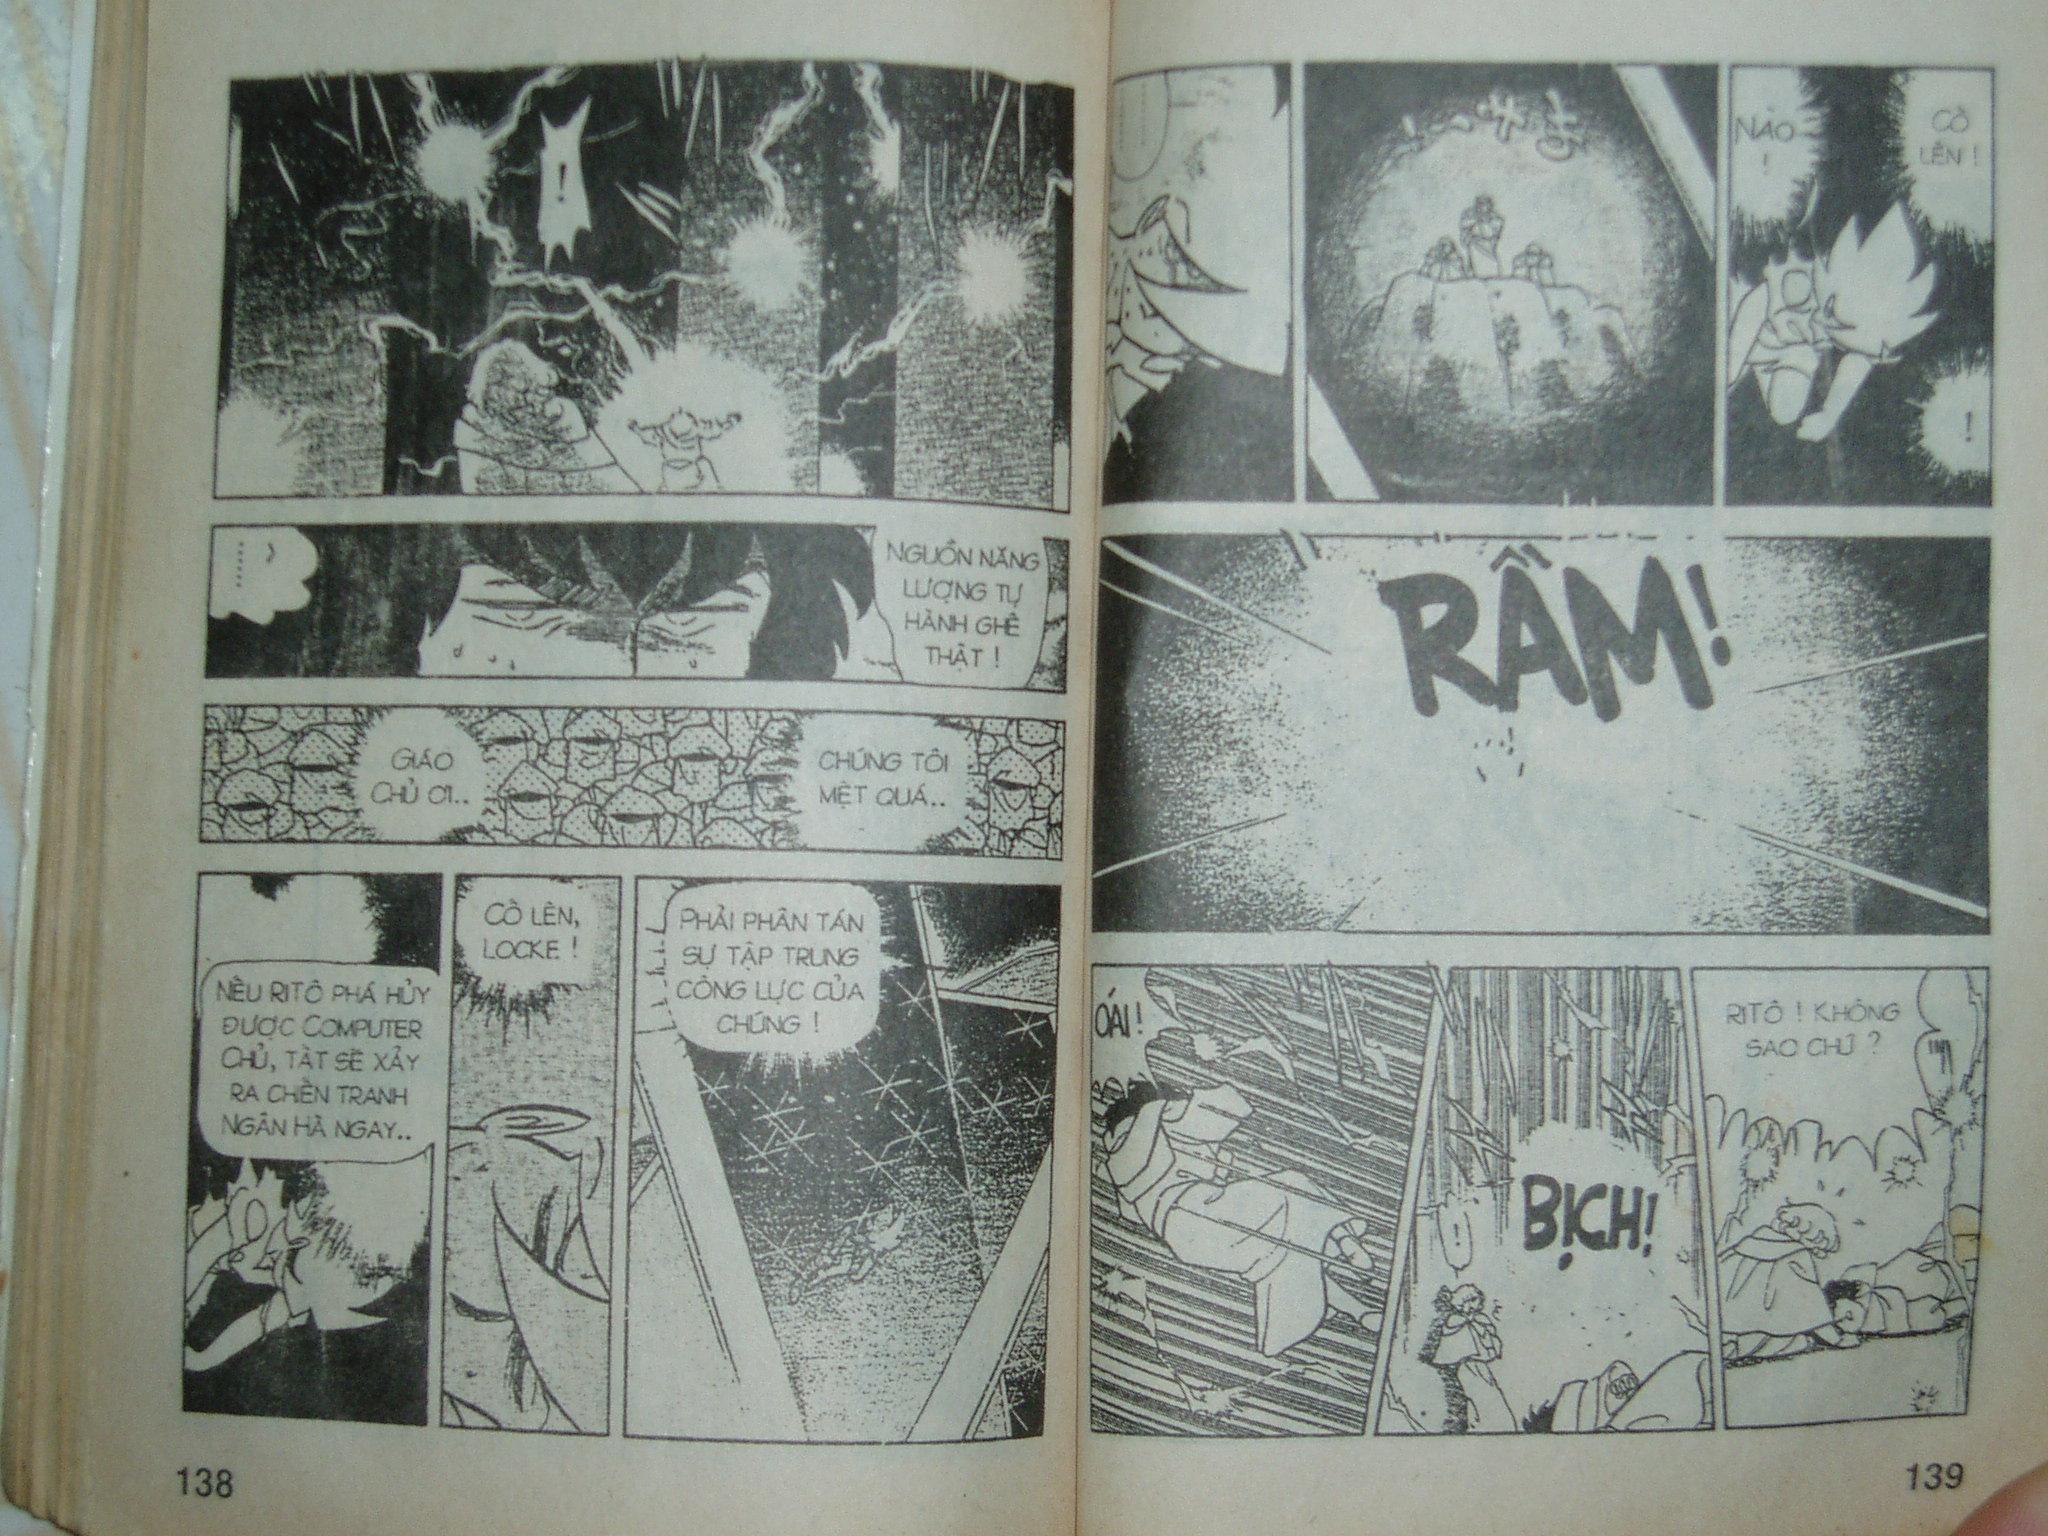 Siêu nhân Locke vol 17 trang 67